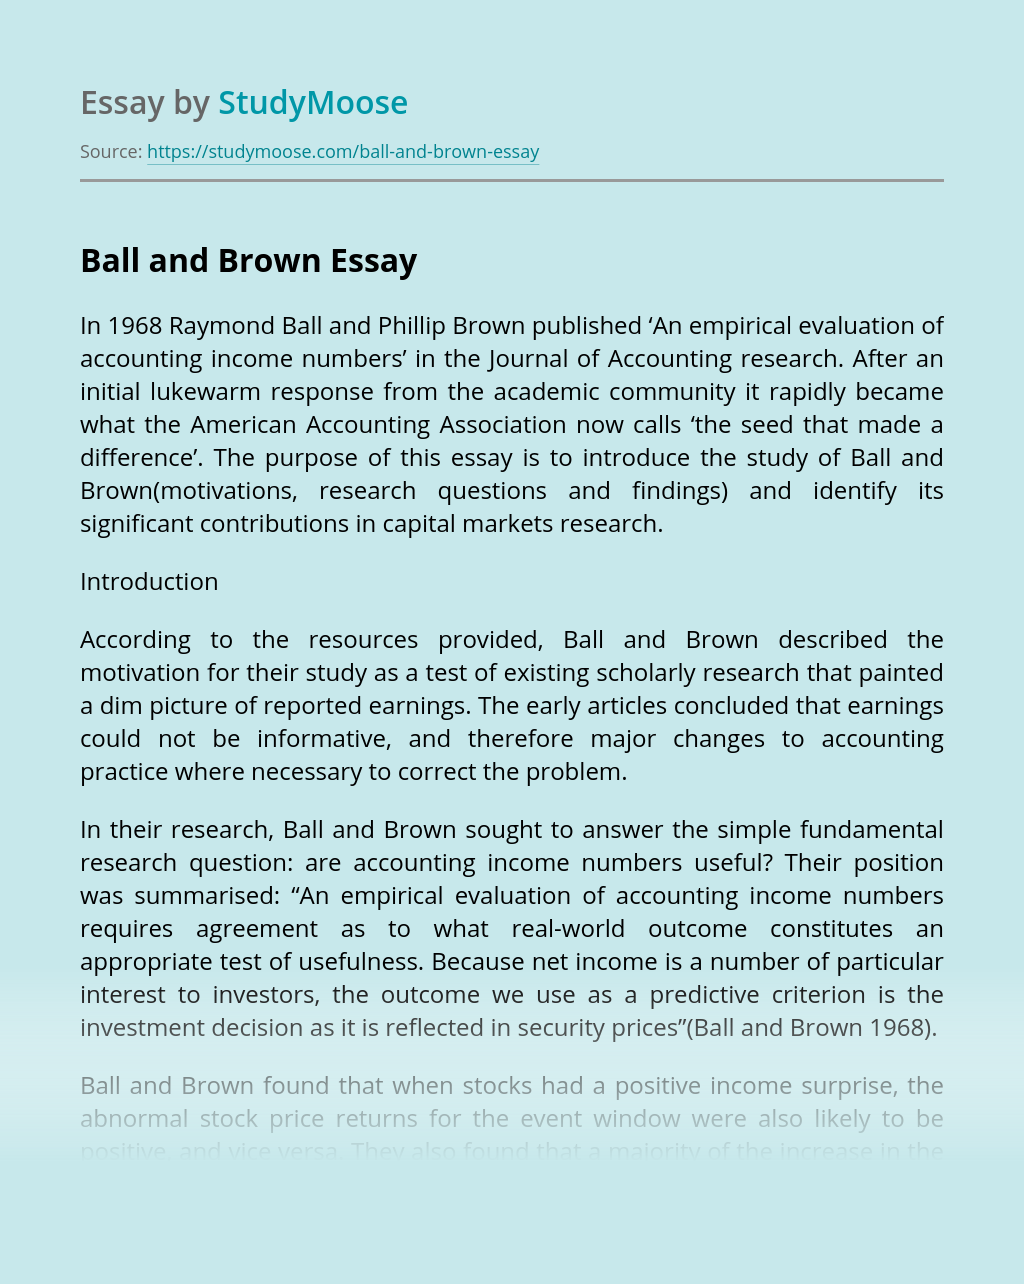 Ball and Brown